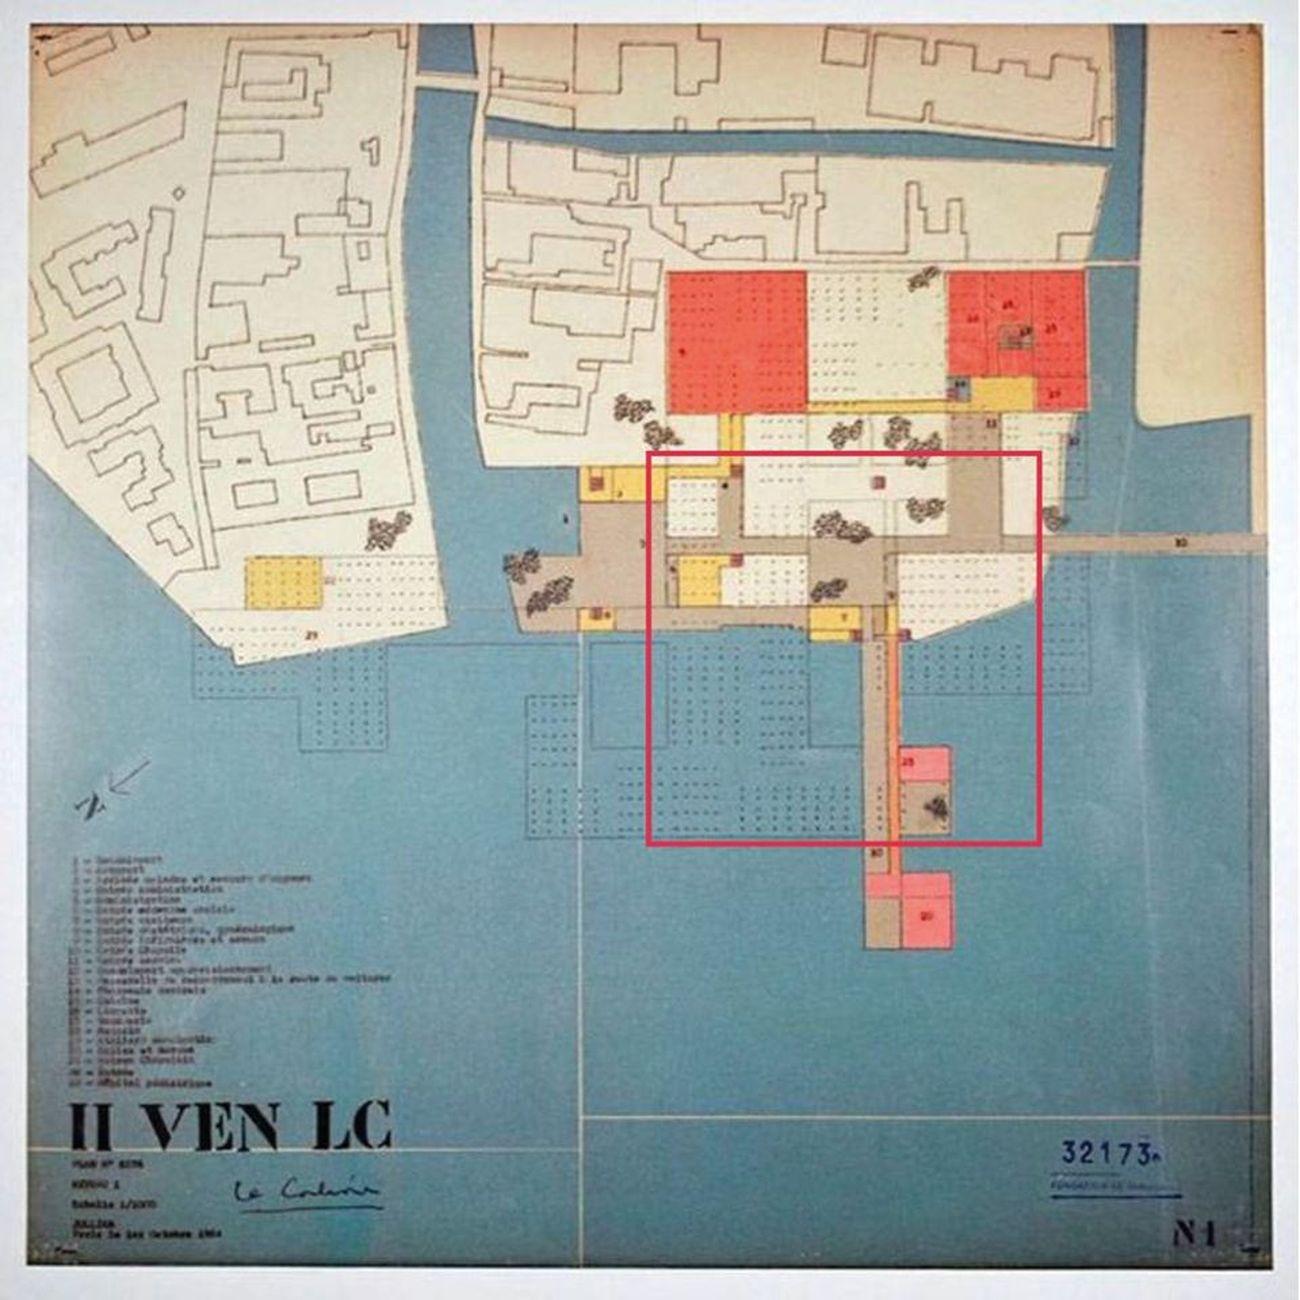 Le Corbusier, Proposta per l'ospedale di Venezia presso San Giobbe, 1964 (raccontata da Stefano Martorelli). Courtesy Circolo del Design di Torino